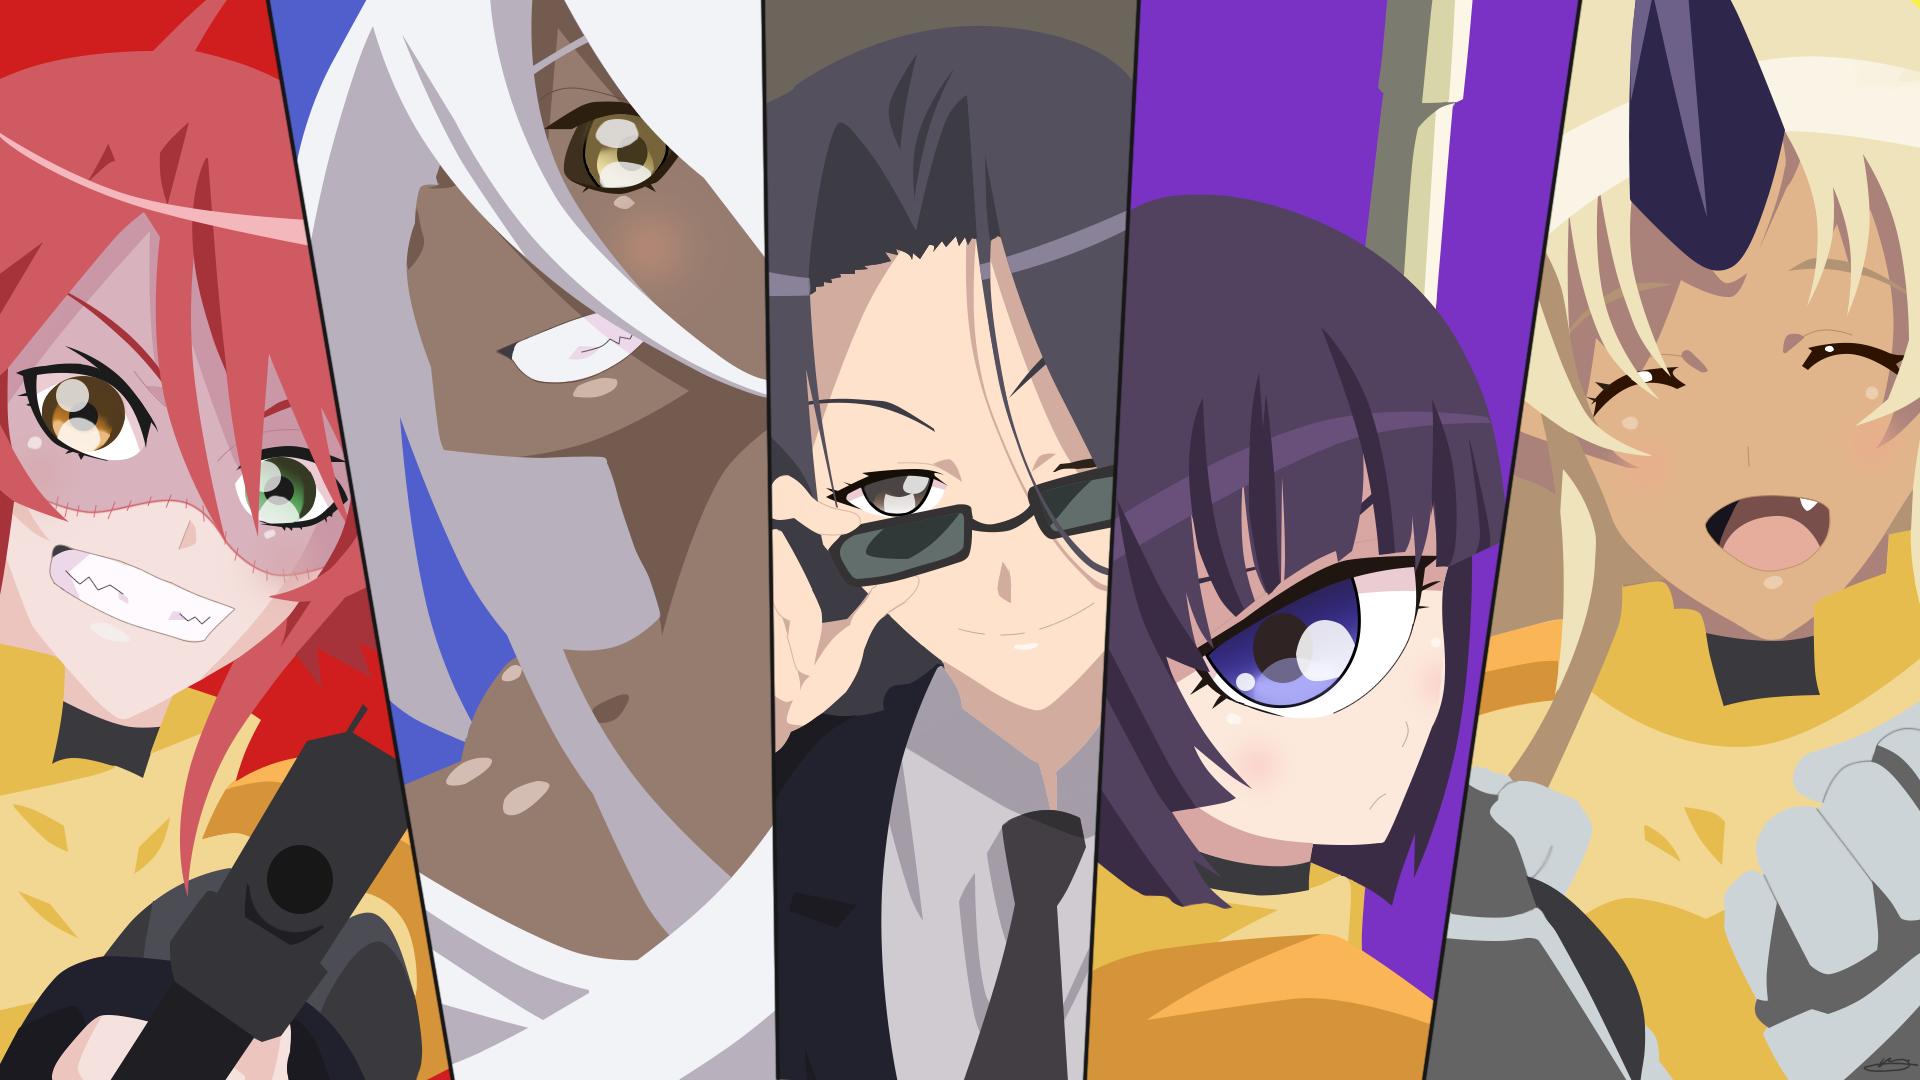 Sfondi illustrazione anime girls cartone animato monster